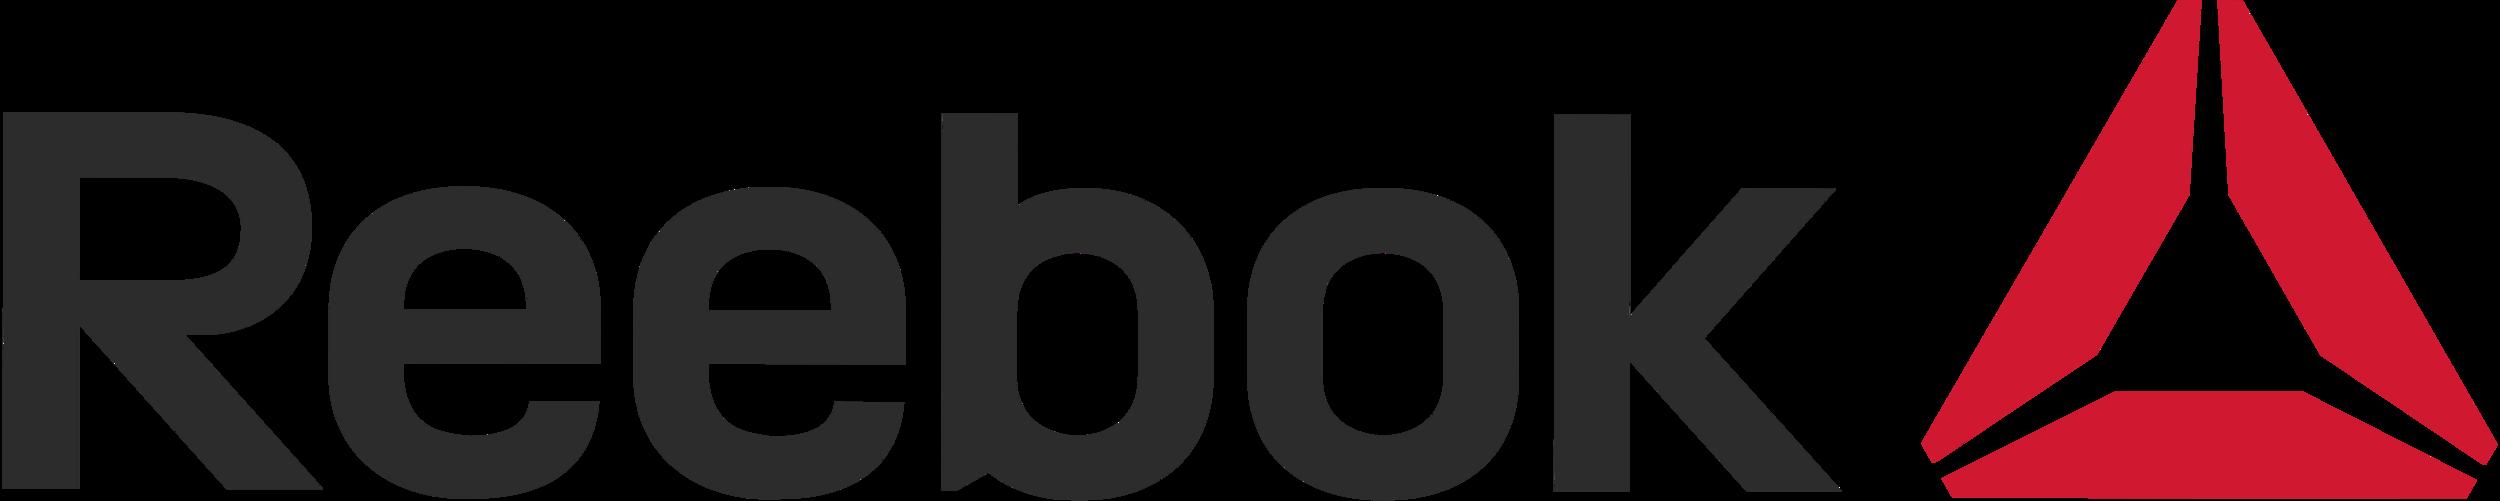 reebok-logo-png-icons-logos-emojis-5000.png